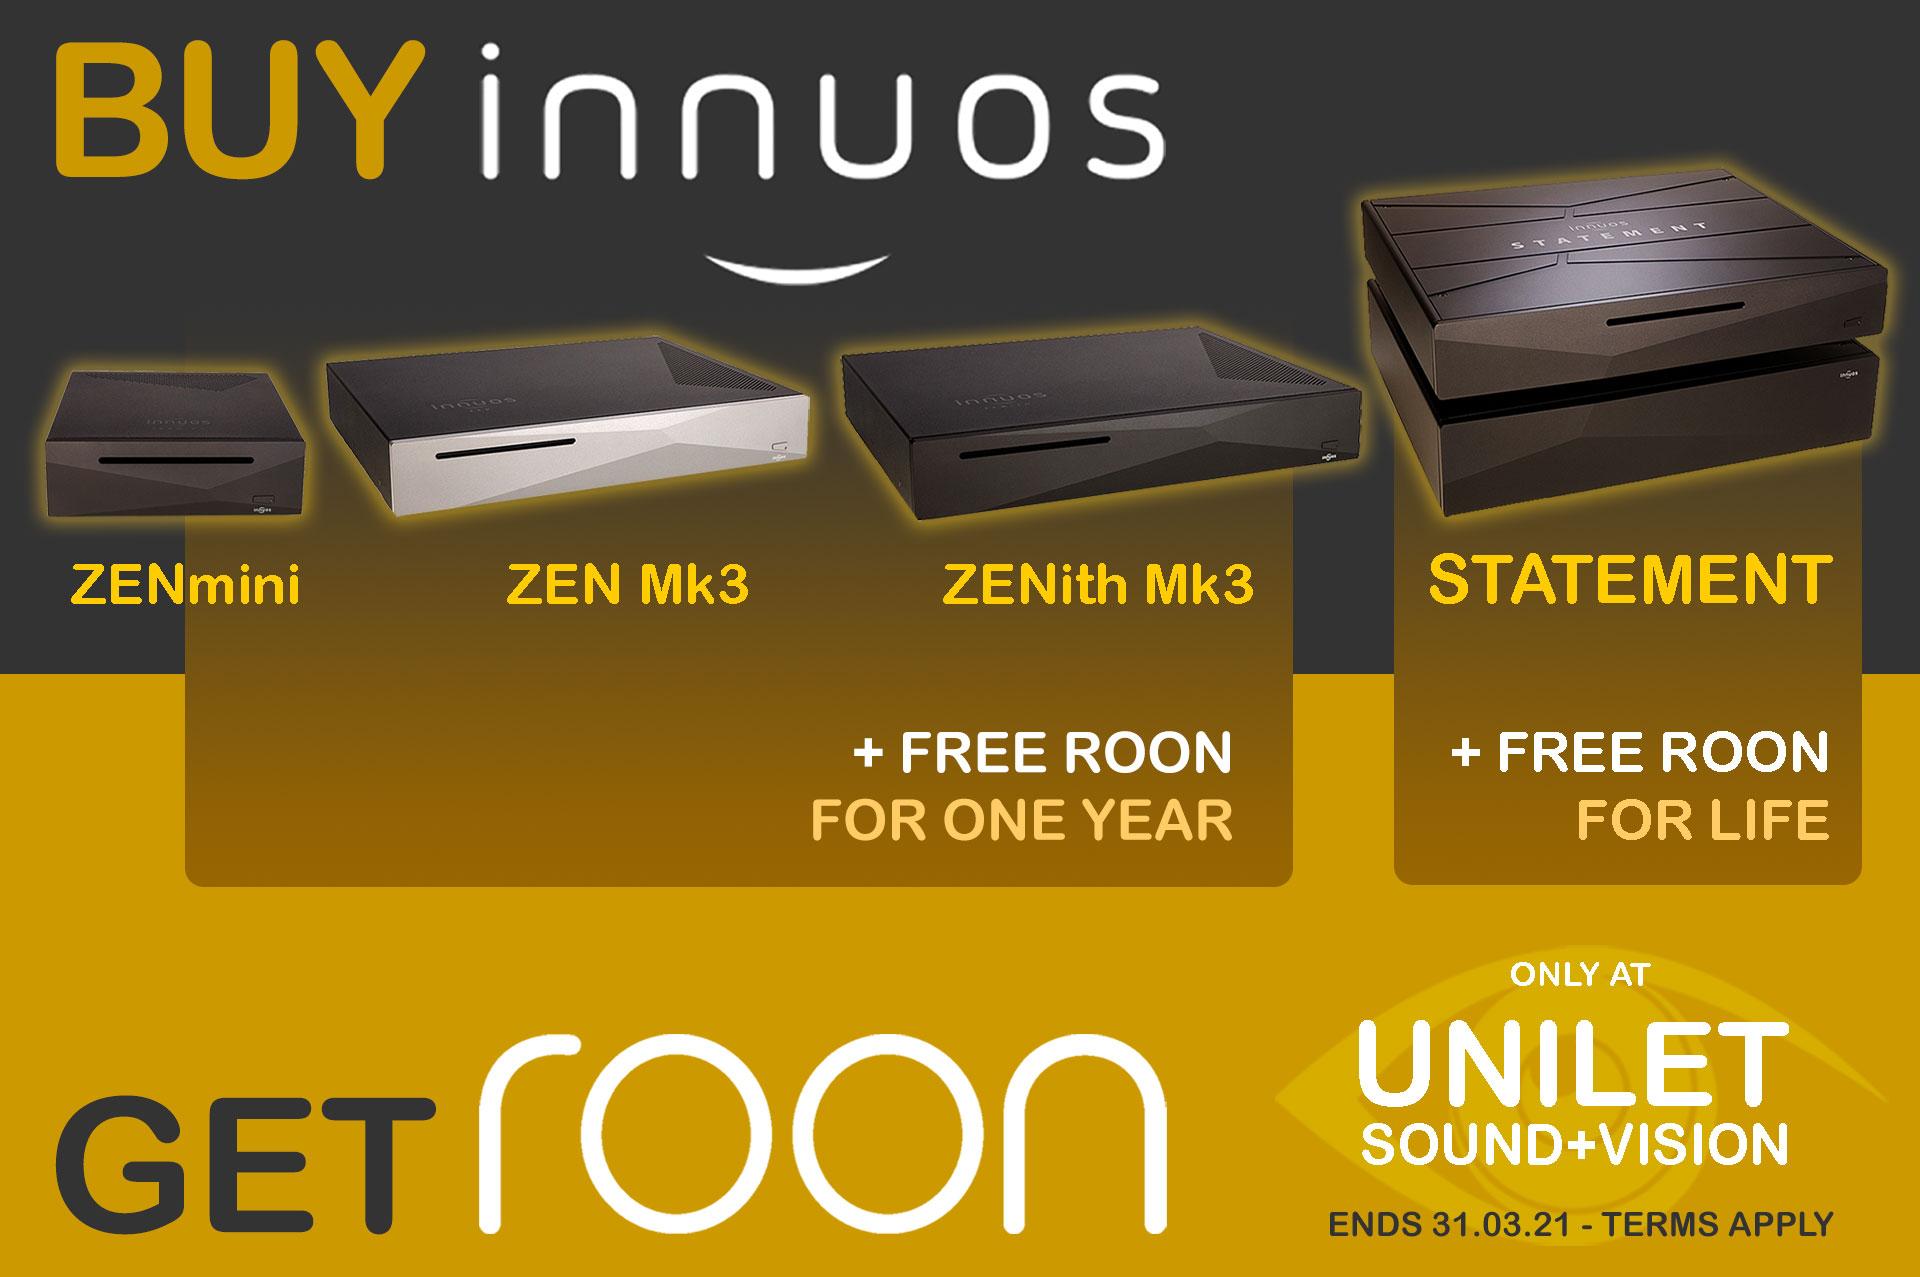 Buy Innuos, Get Free ROON Membership | Unilet Sound & Vision